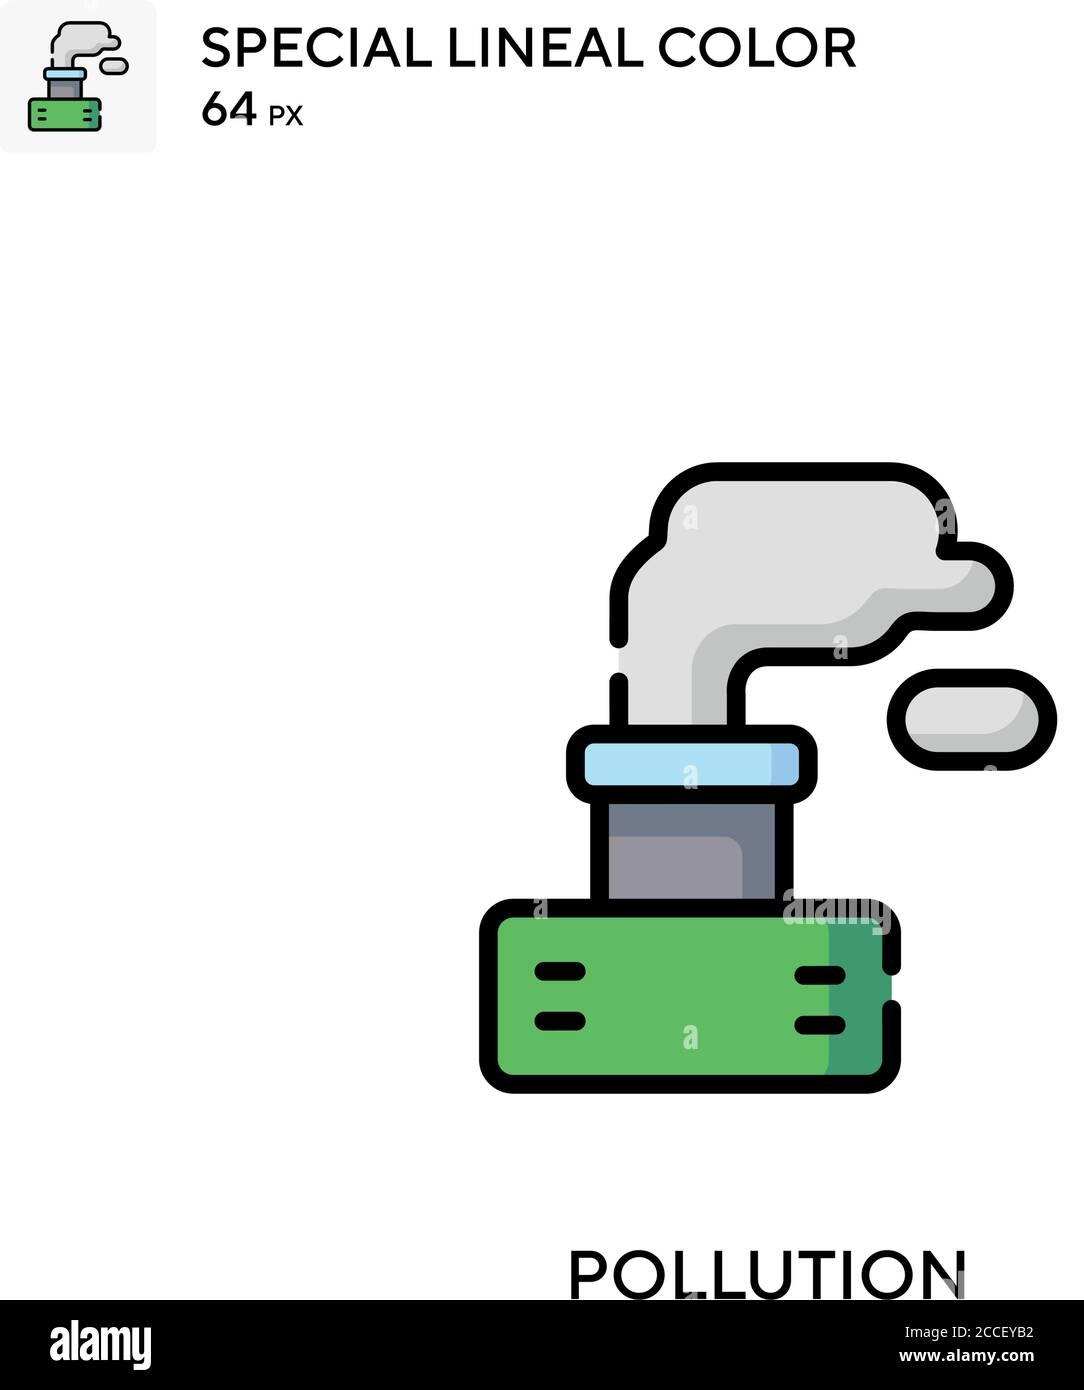 Pollution icône de couleur spéciale du joint. Modèle de conception de symbole d'illustration pour élément d'interface utilisateur Web mobile. Illustration de Vecteur